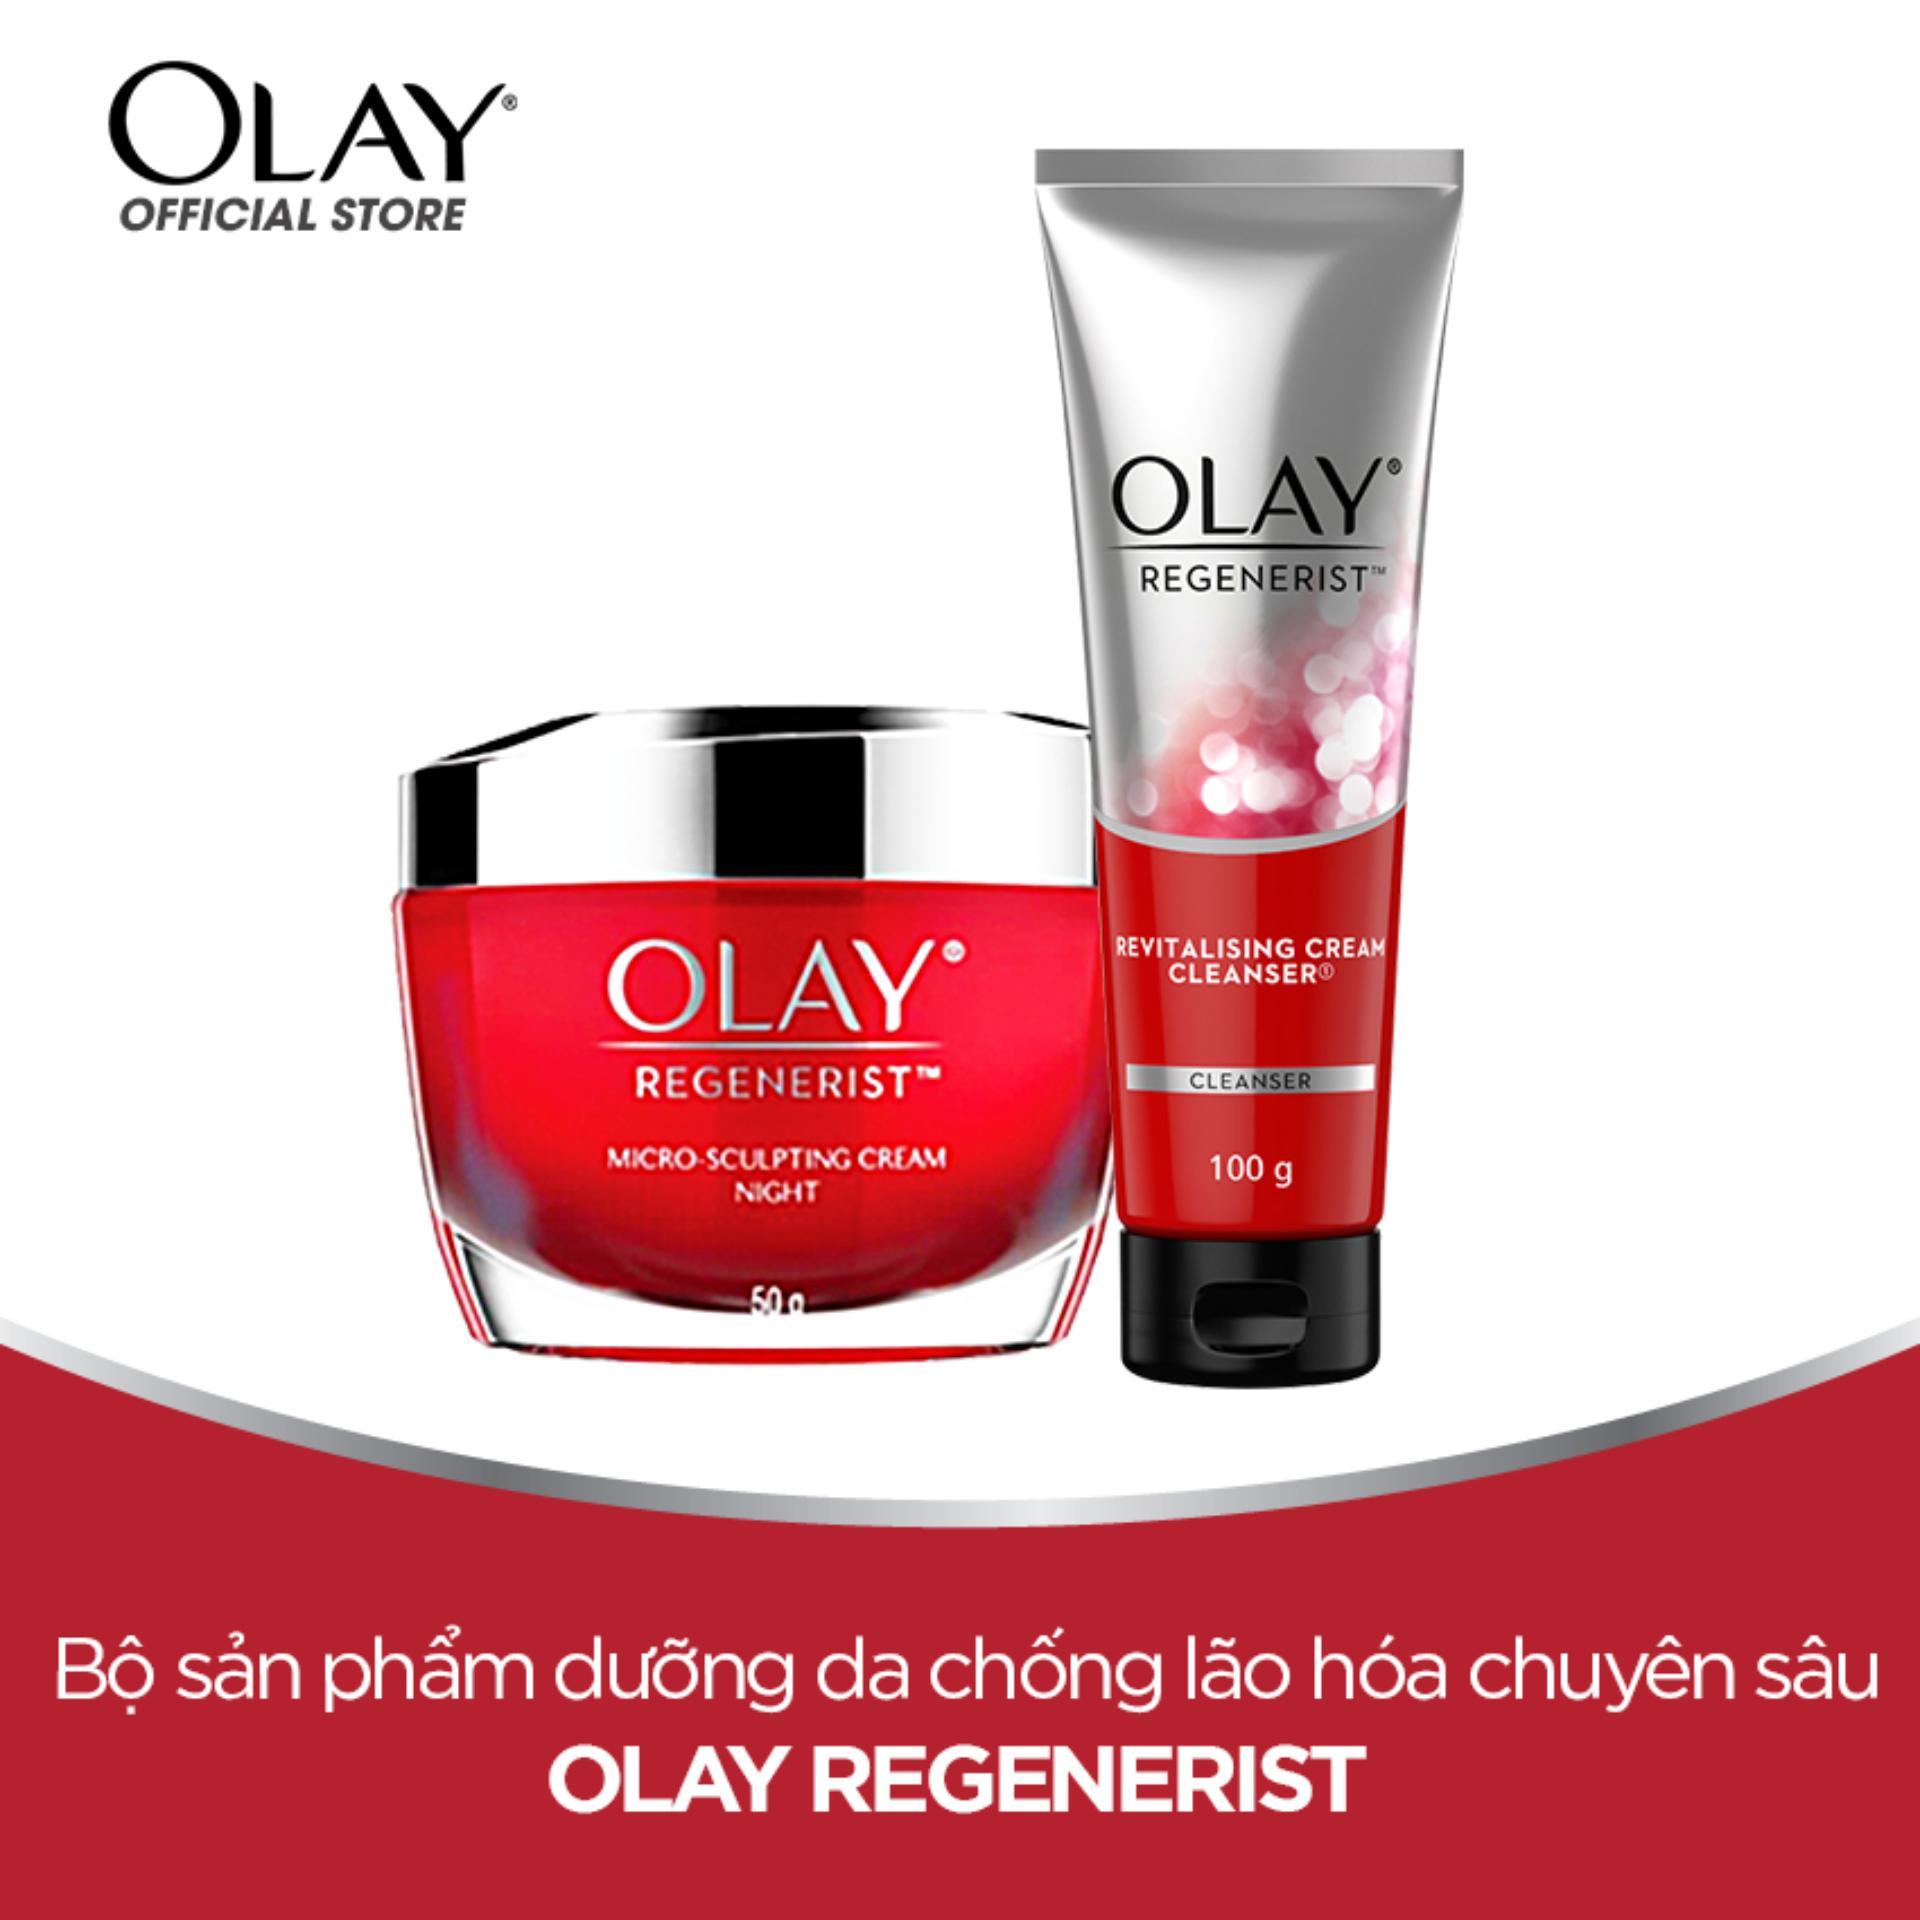 Bộ 2 sản phẩm Tái Tạo Da Lão Hóa Olay Regenerist: Kem dưỡng da ban đêm 50g + Sữa rửa mặt dạng kem 100g